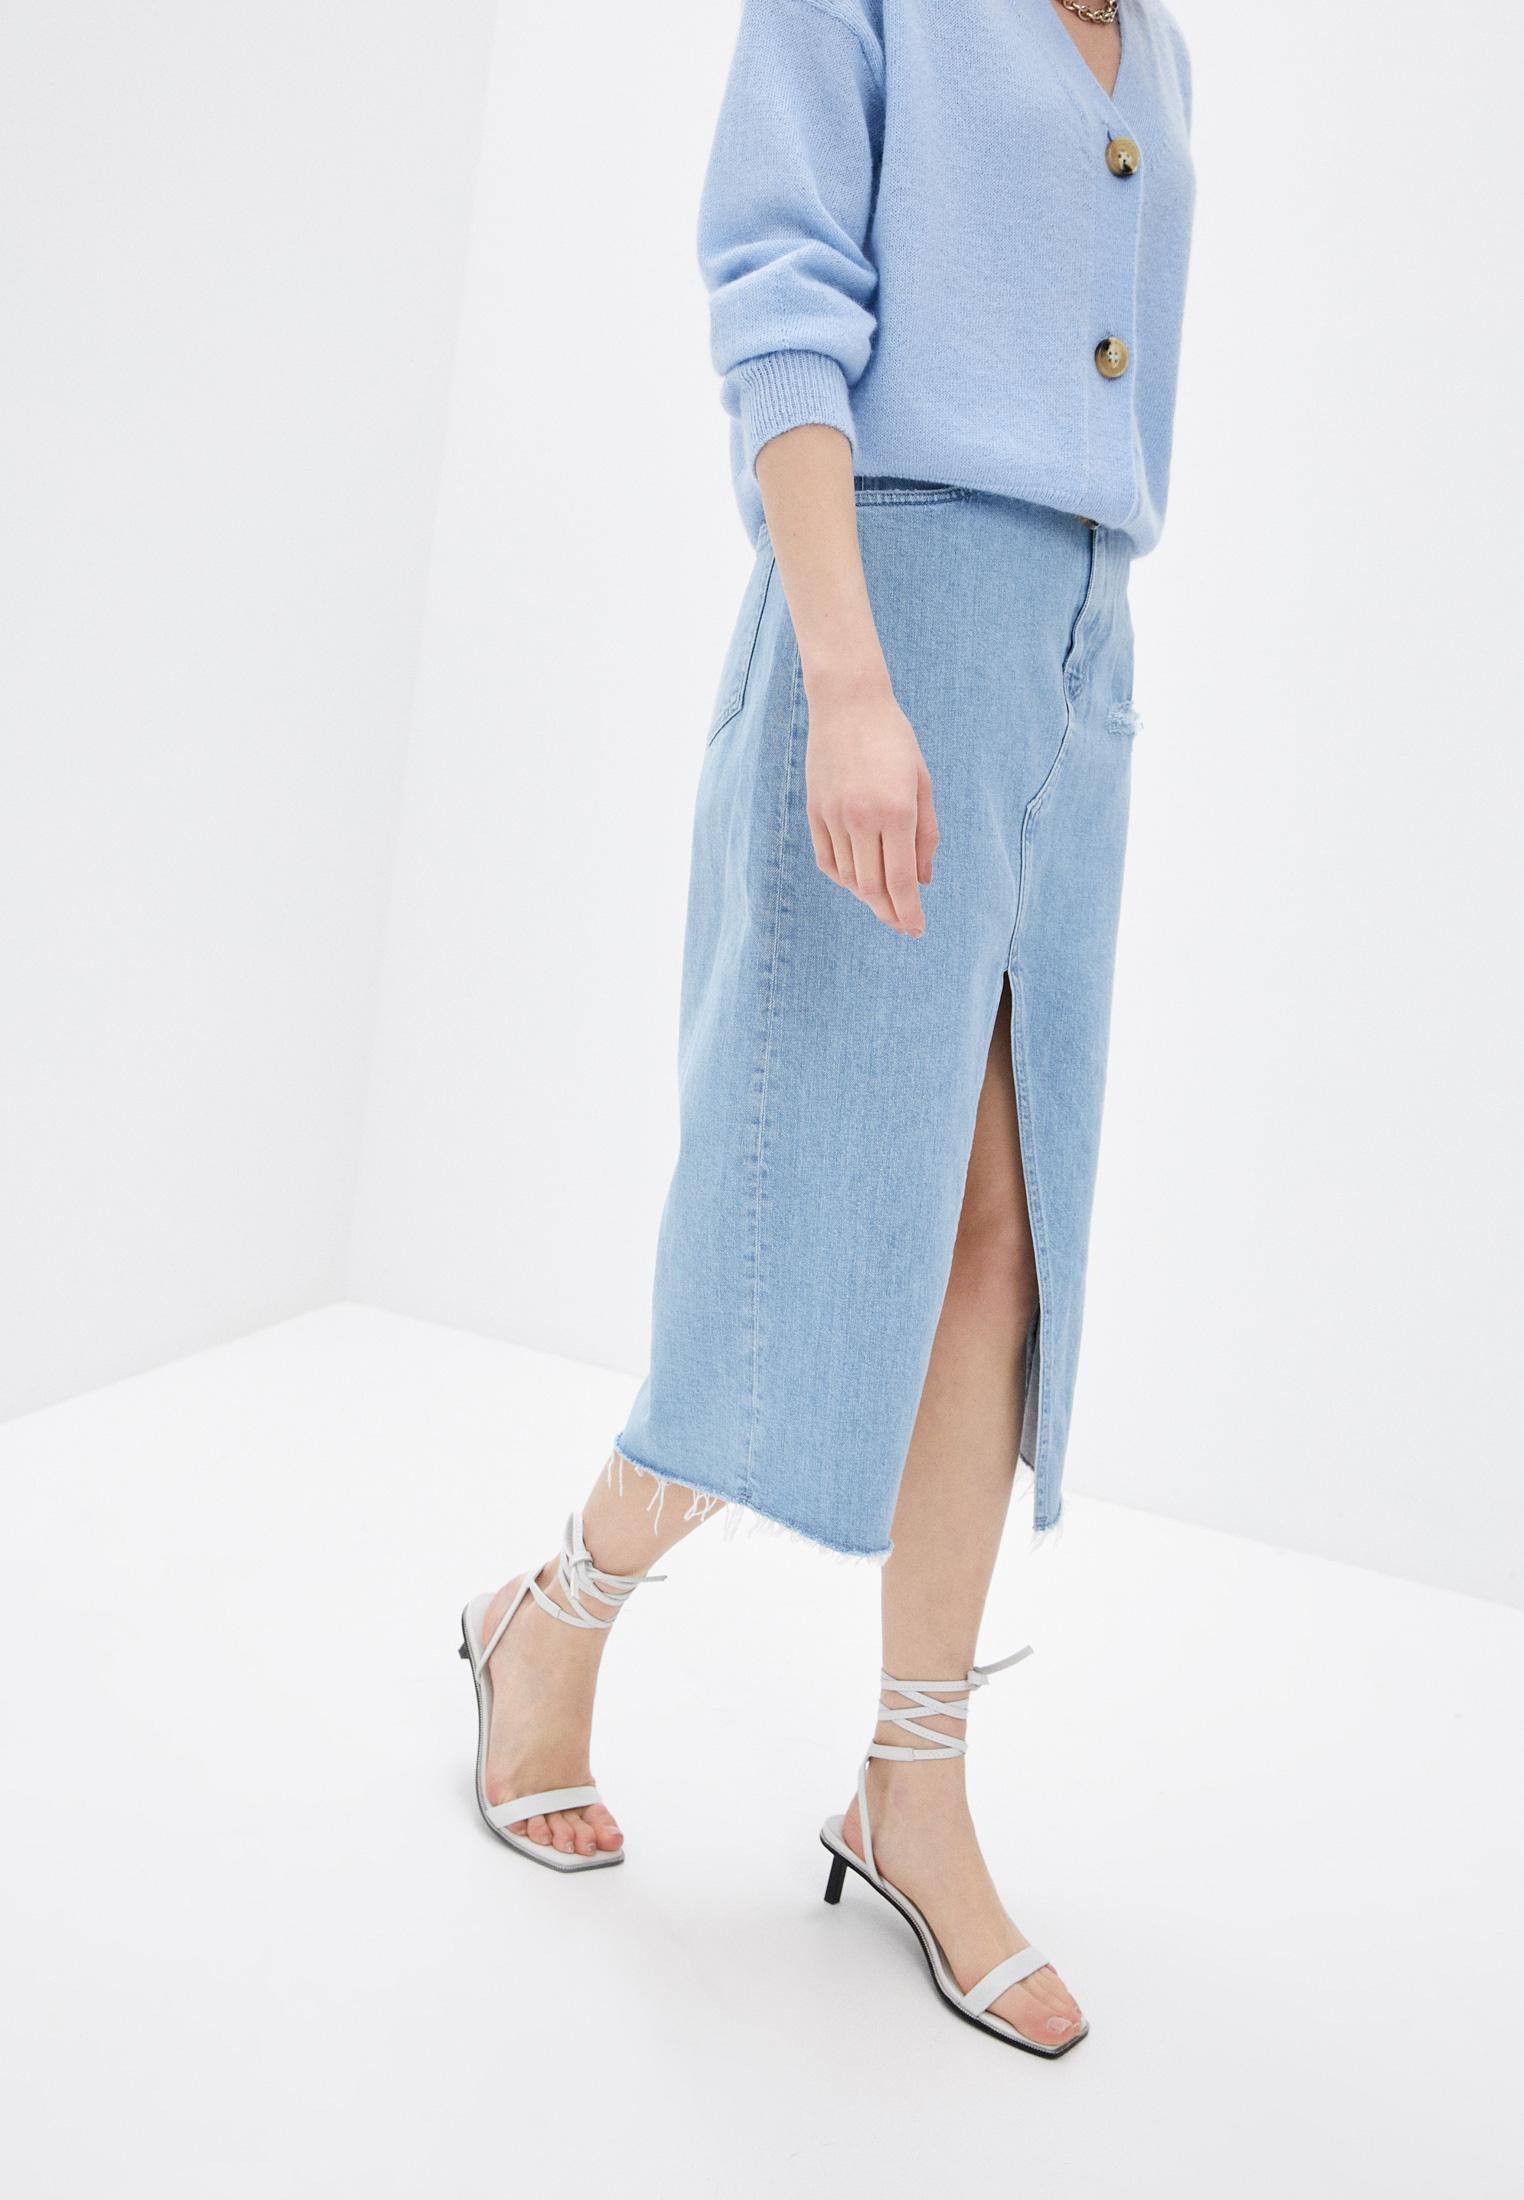 Джинсовая юбка 3X1 Юбка джинсовая 3x1